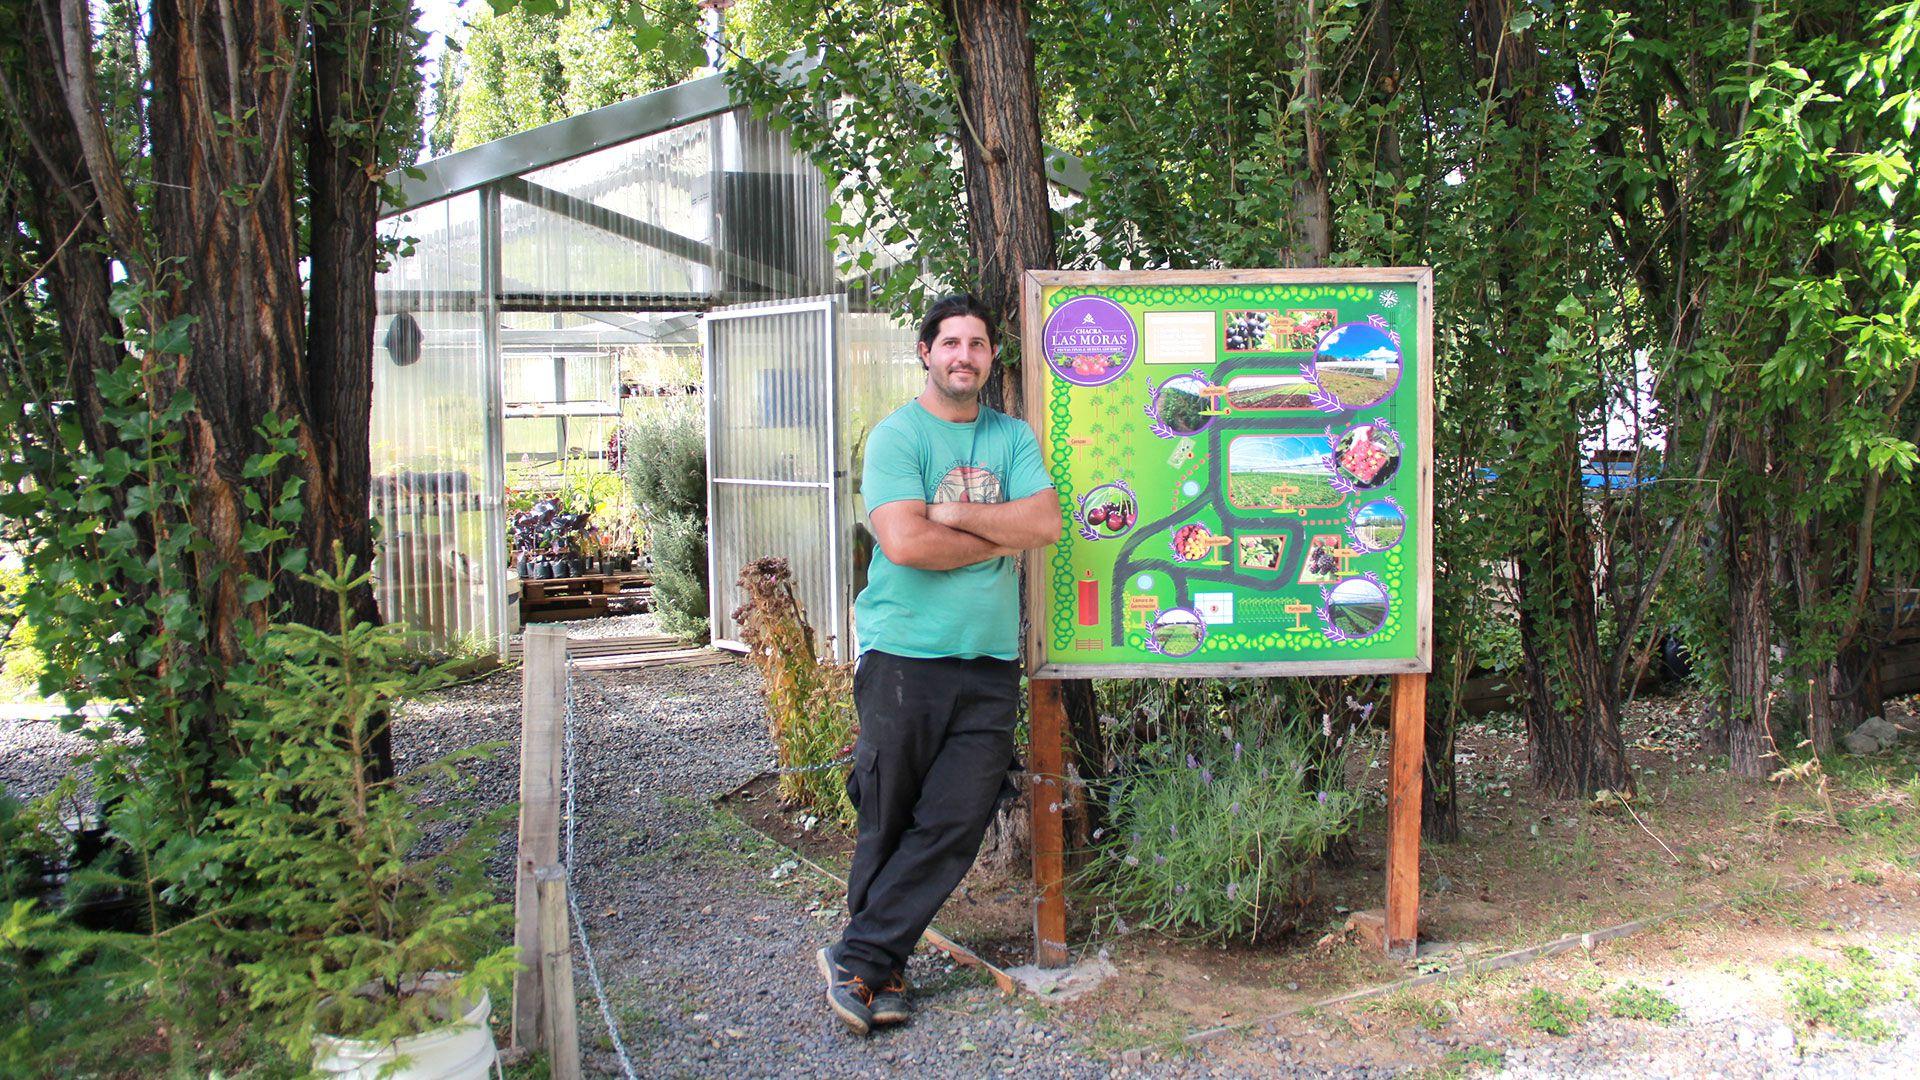 Pablo Morresi Las Moras Calafate Frutihorticultura Hidroponia